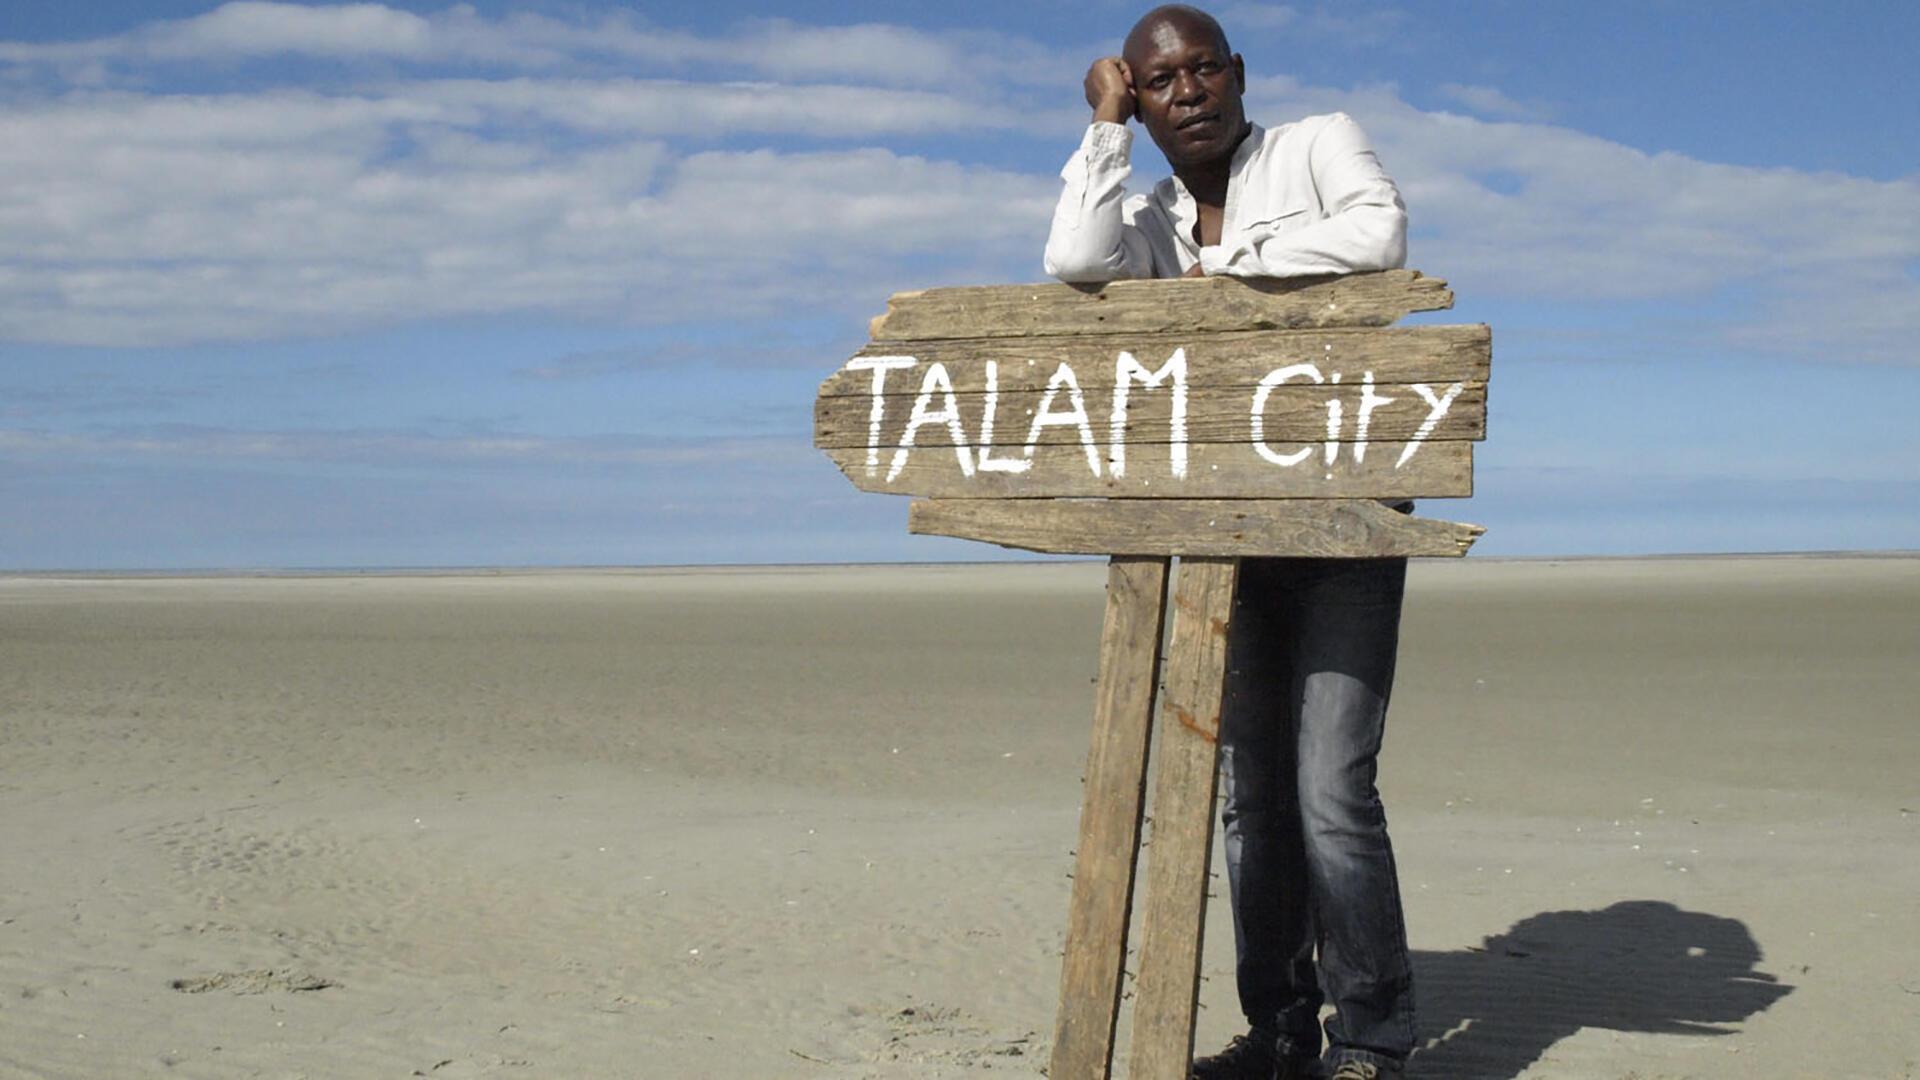 JULIEN JACOB - TALAM City - Brijt Henry - Musiques du monde 4 juillet 2021